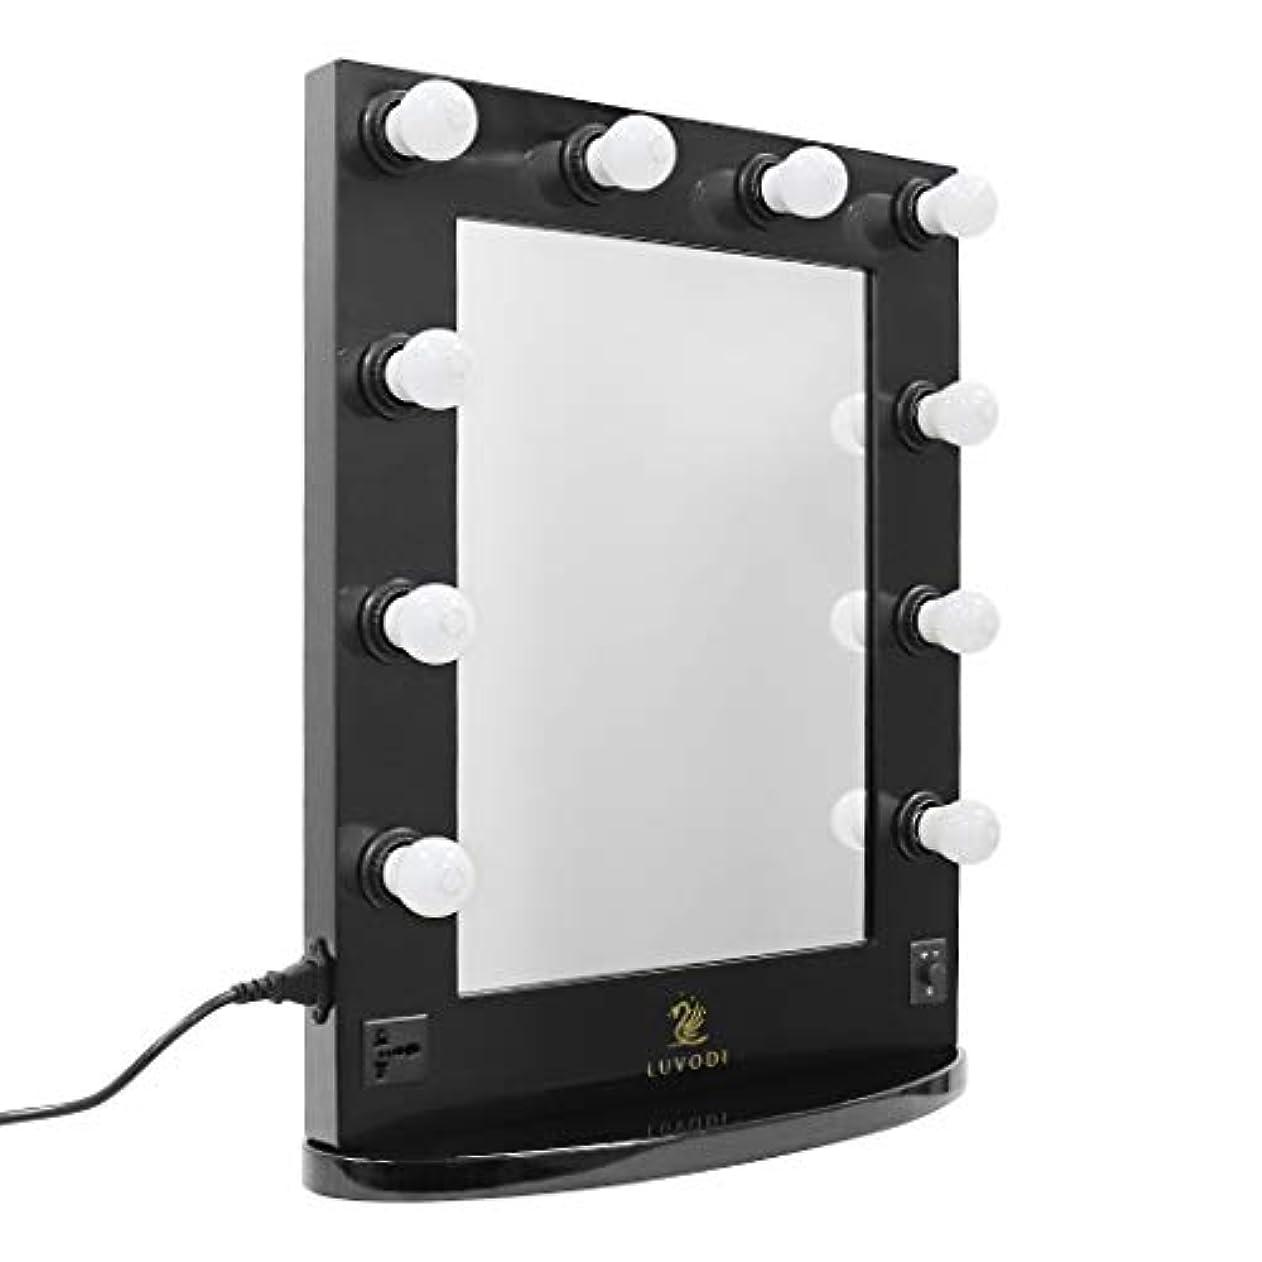 かご吸い込むキャベツLUVODI ハリウッドミラー 女優 ドレッサー LEDライト付き 壁掛け化粧鏡 大型 2way ブラック